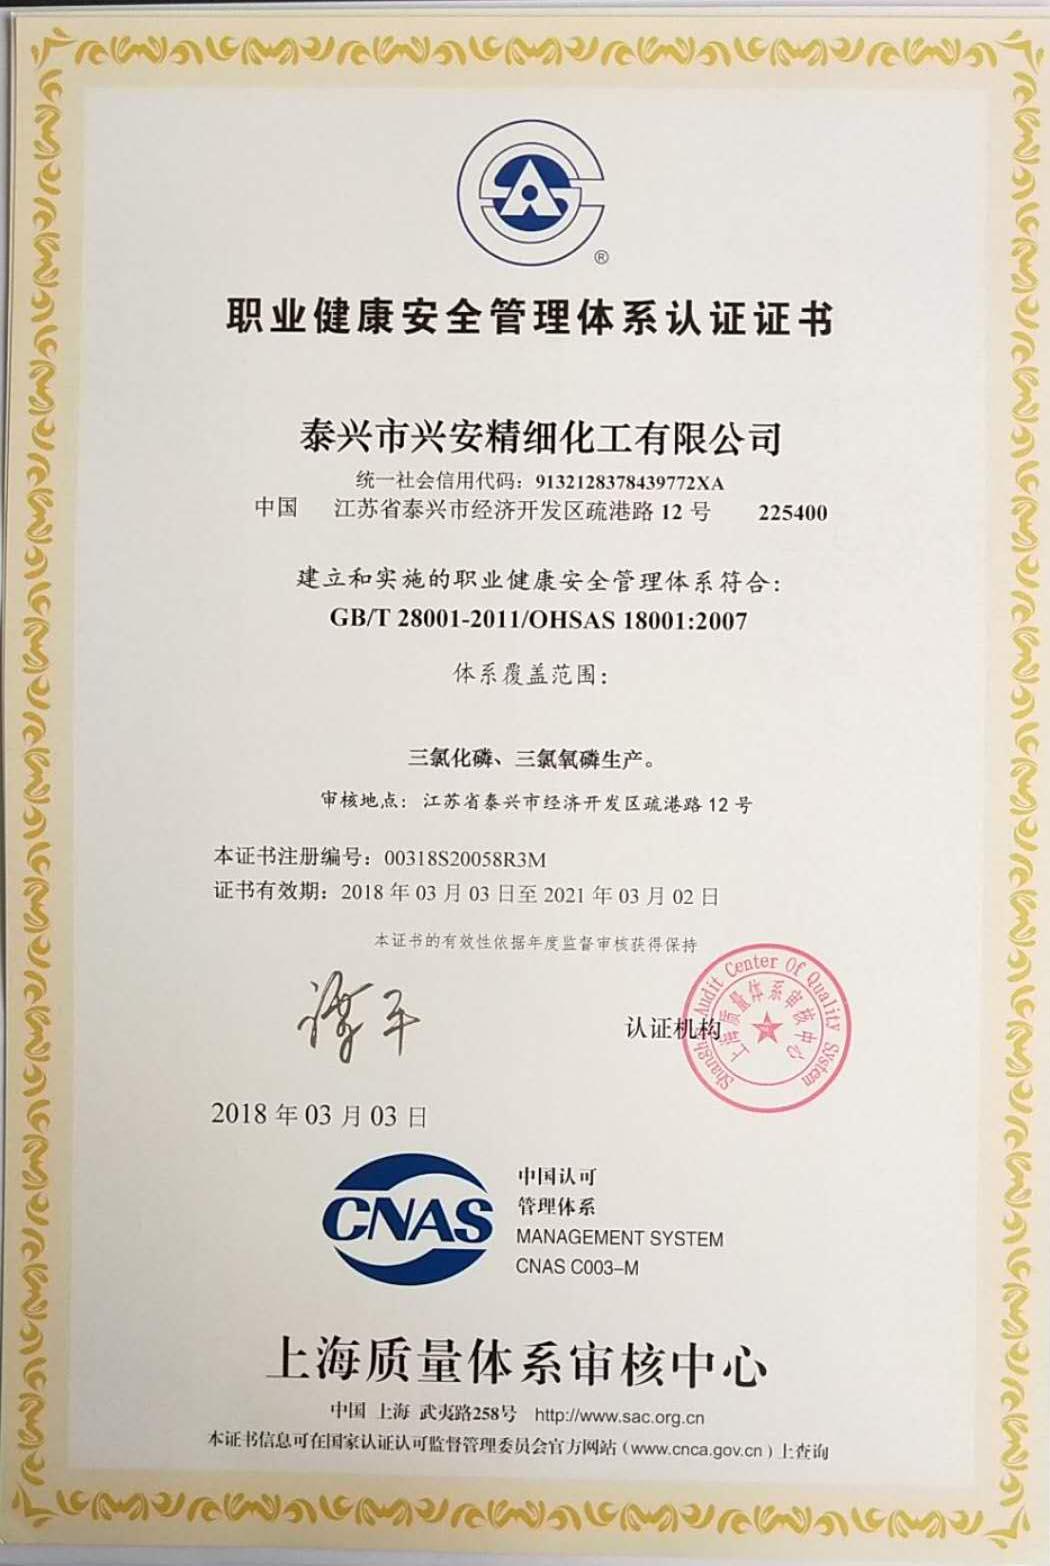 职业健康安全管理体系证书1